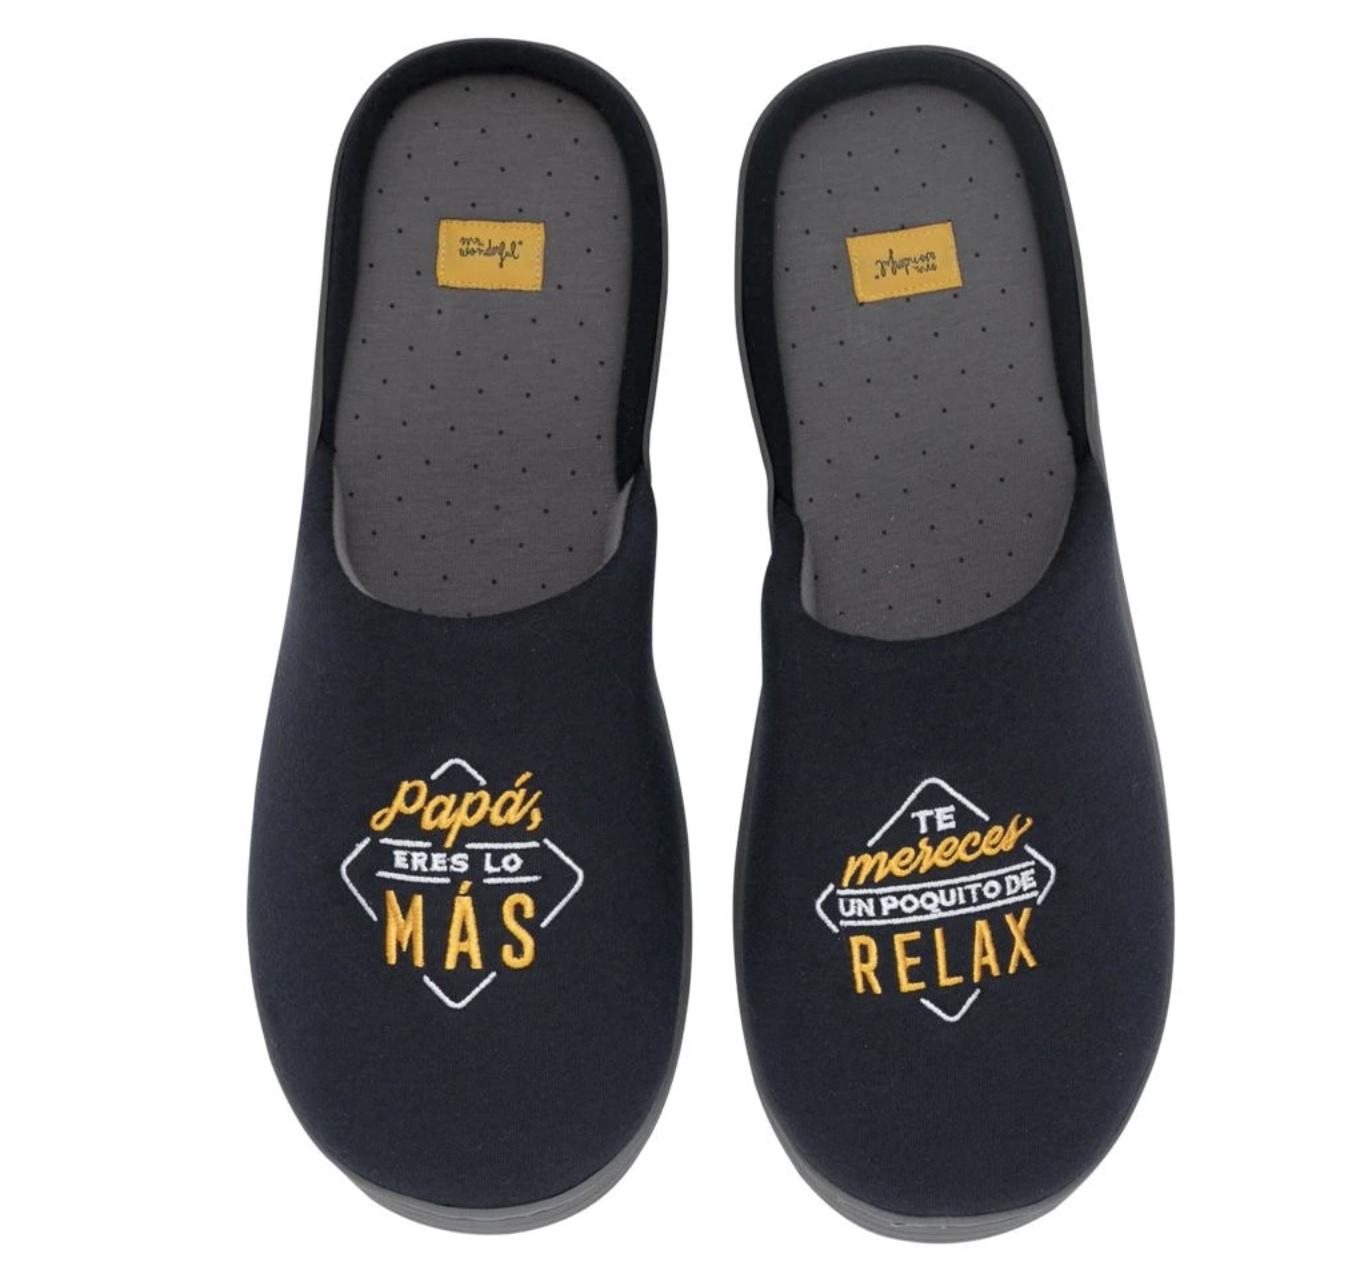 MR.WONDERFUL Zapatillas de Casa Talla única con Mensaje y Diseño Mr. Wonderful: papá, eres lo más.